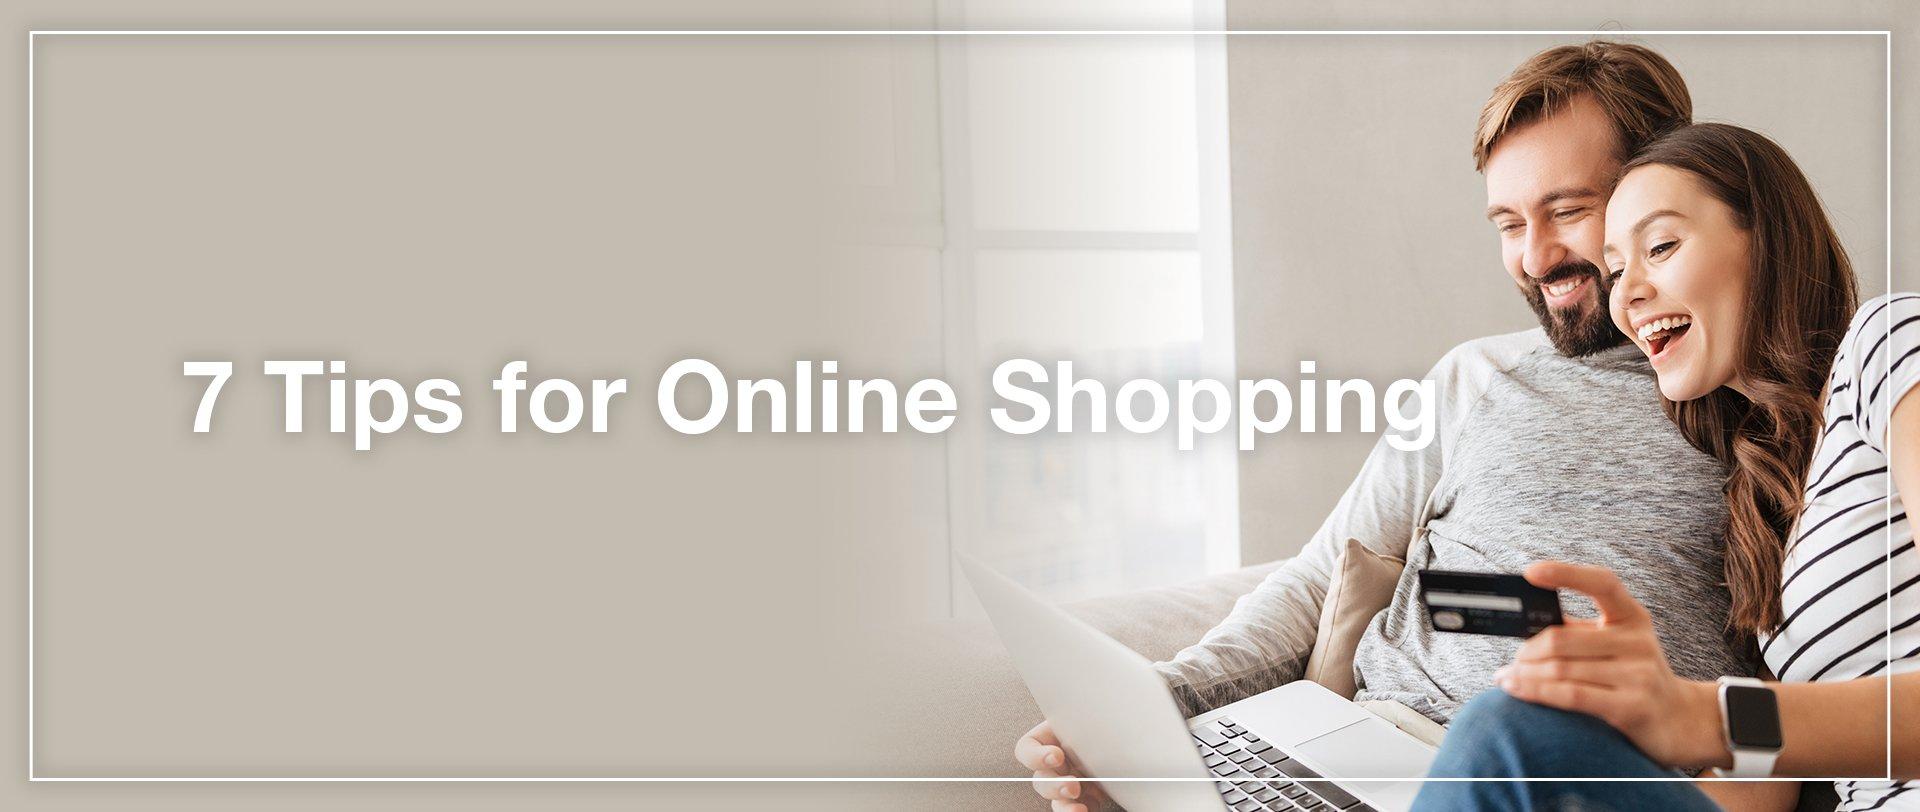 7 Tips for Online Shopping